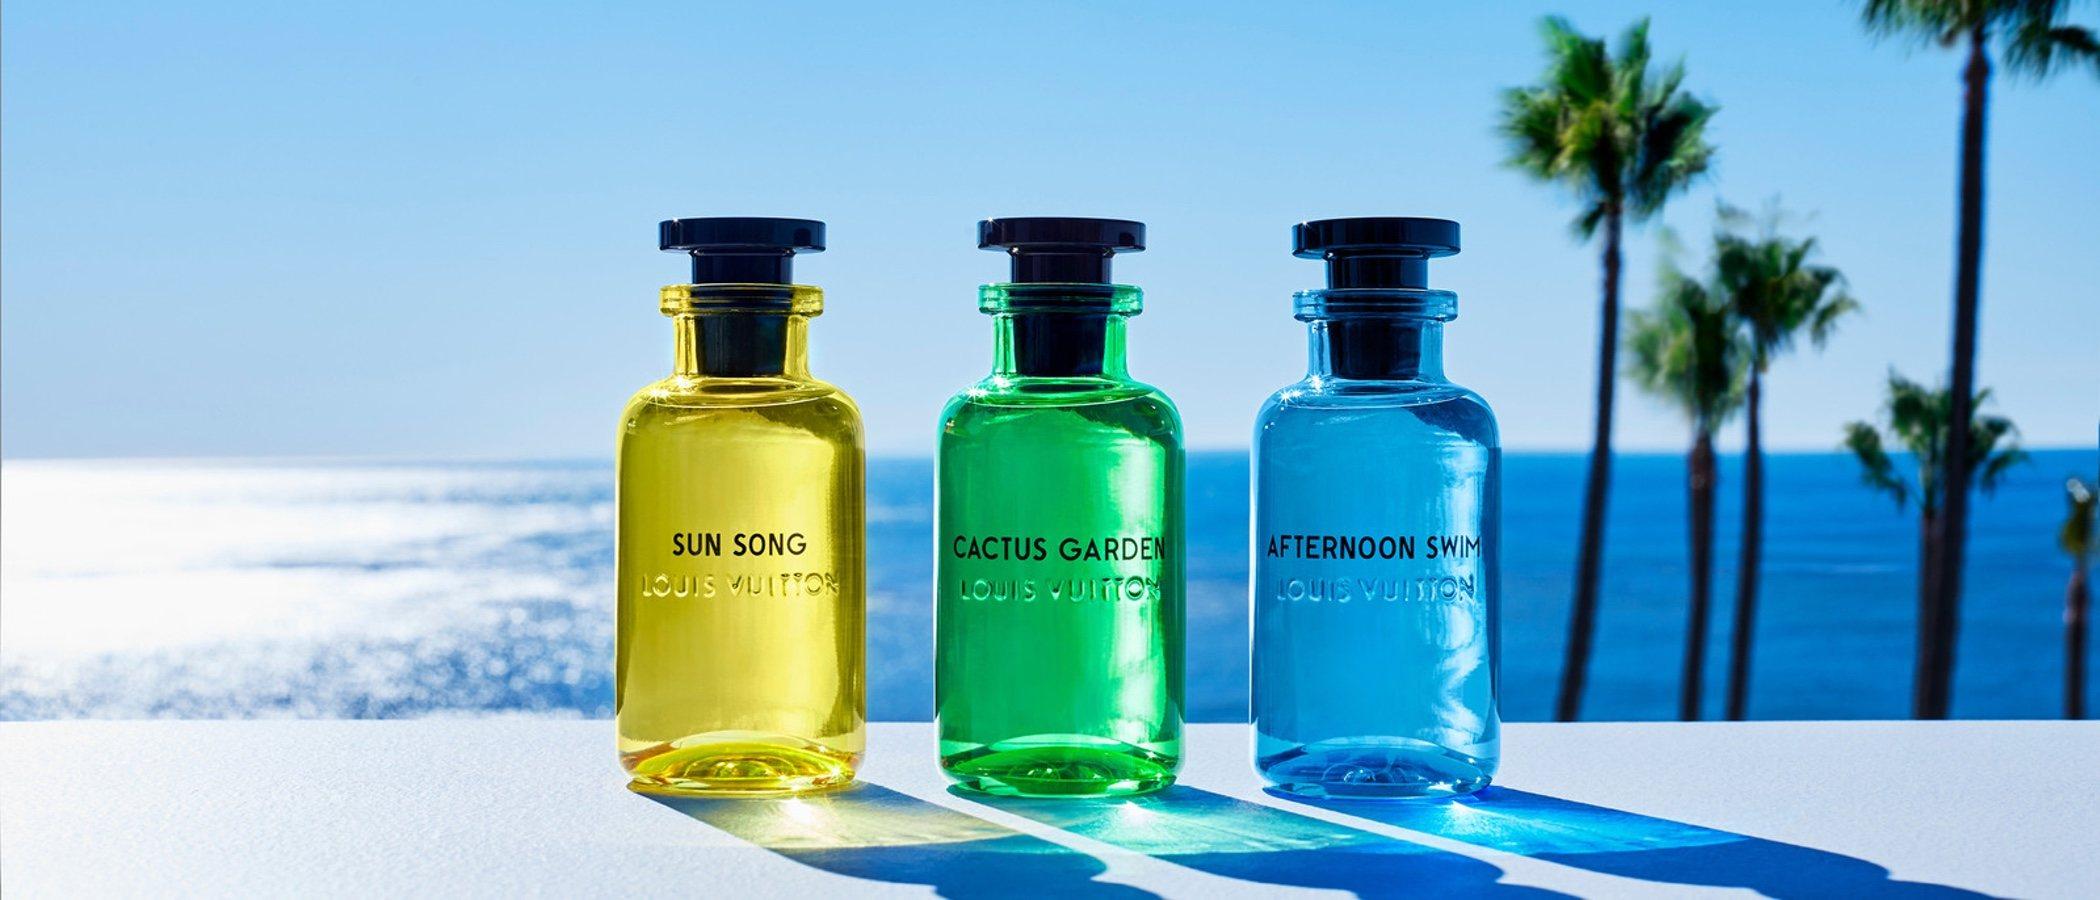 Louis Vuitton presenta 'Cologne Perfumes', los aromas del verano